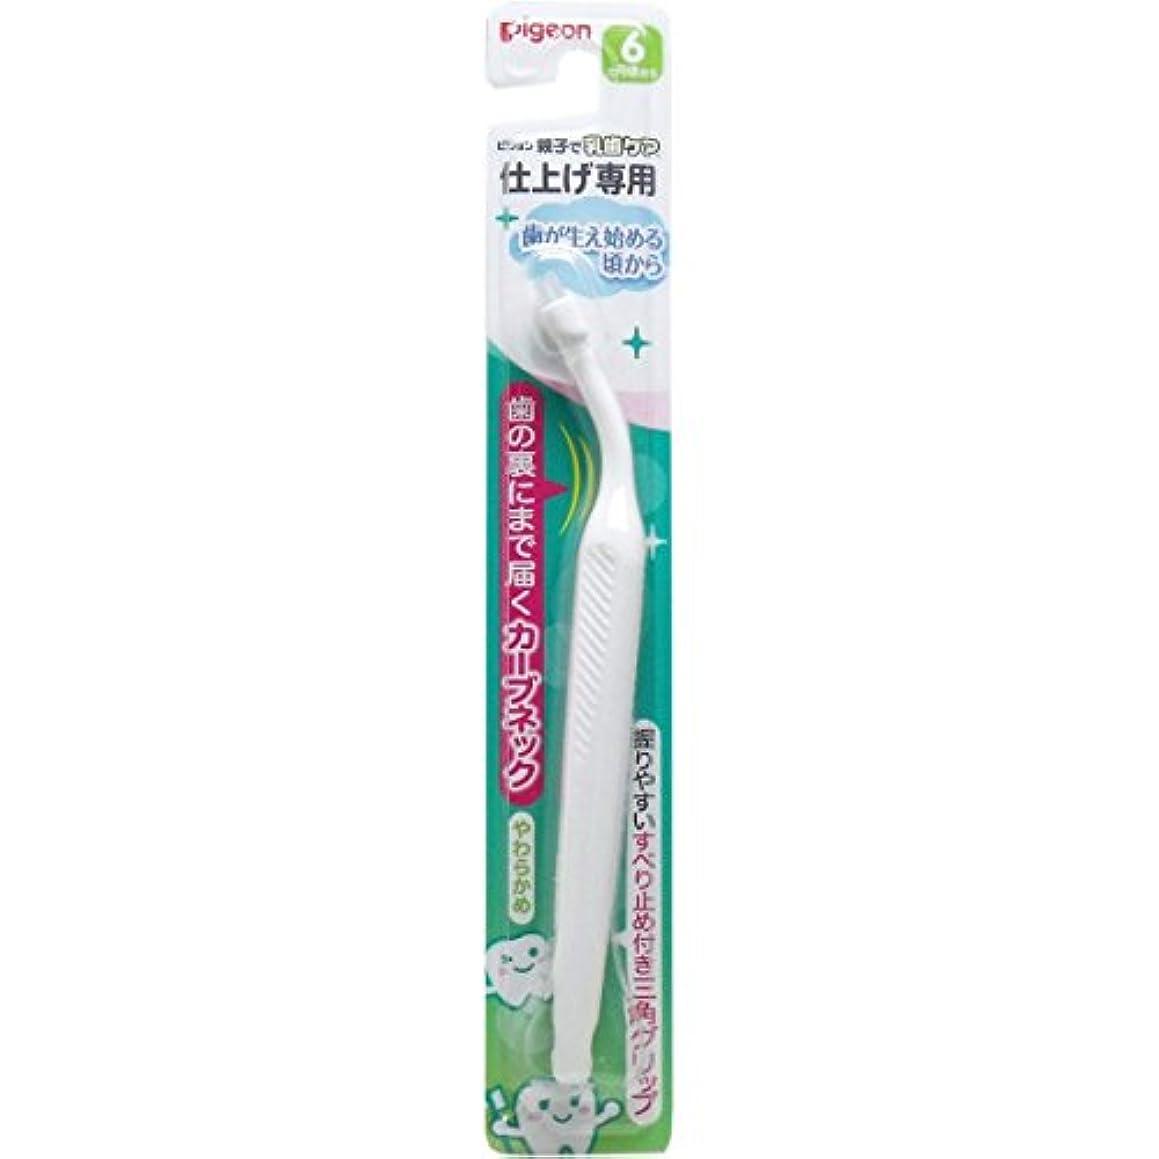 売り手平方テクスチャーピジョン 親子で乳歯ケア仕上げ専用 歯が生え始める頃から 6ヵ月-1.5才 ×3個セット